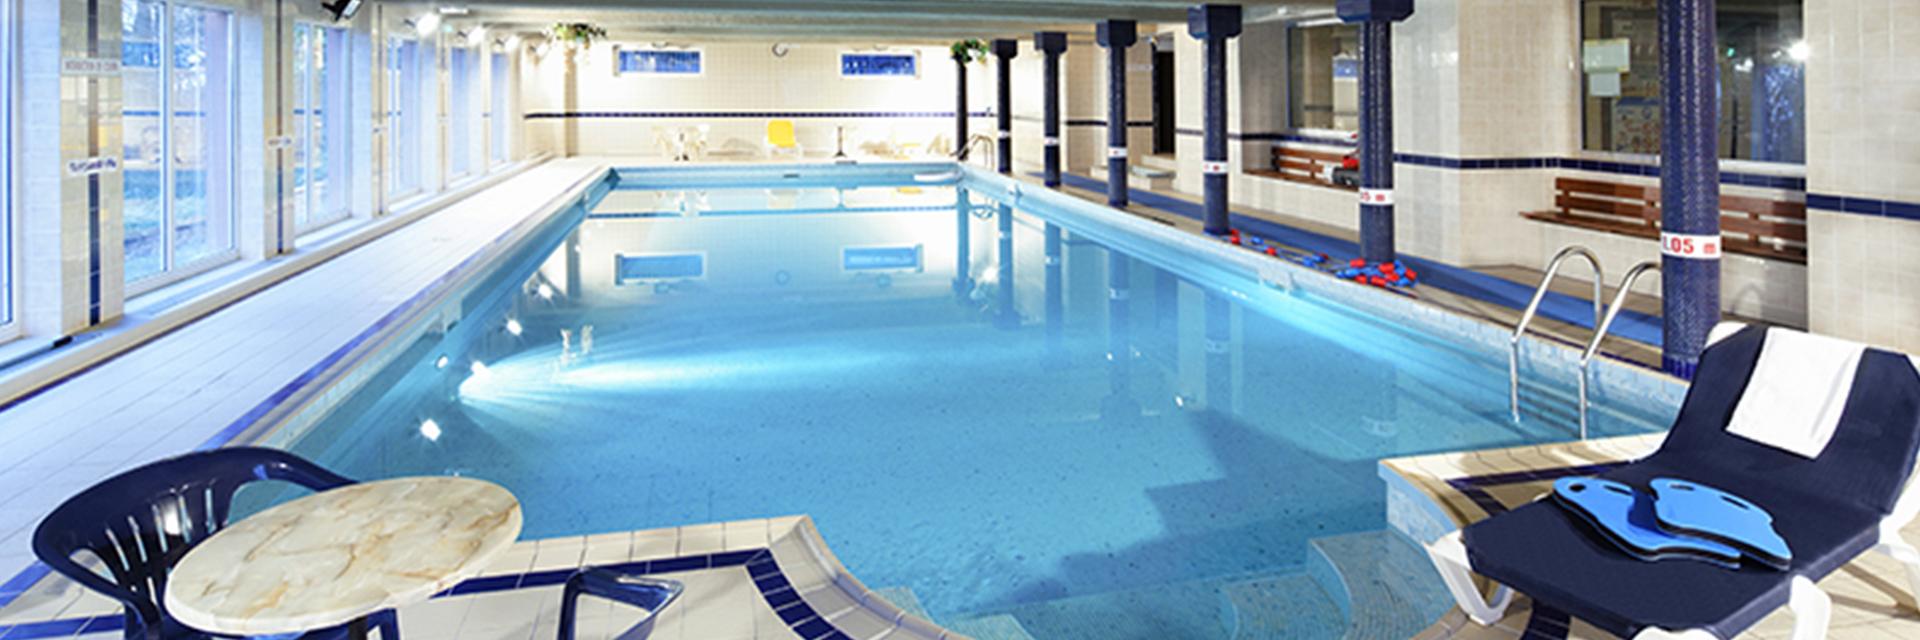 village-vacances-domaine-st-jacques-equipement-piscine